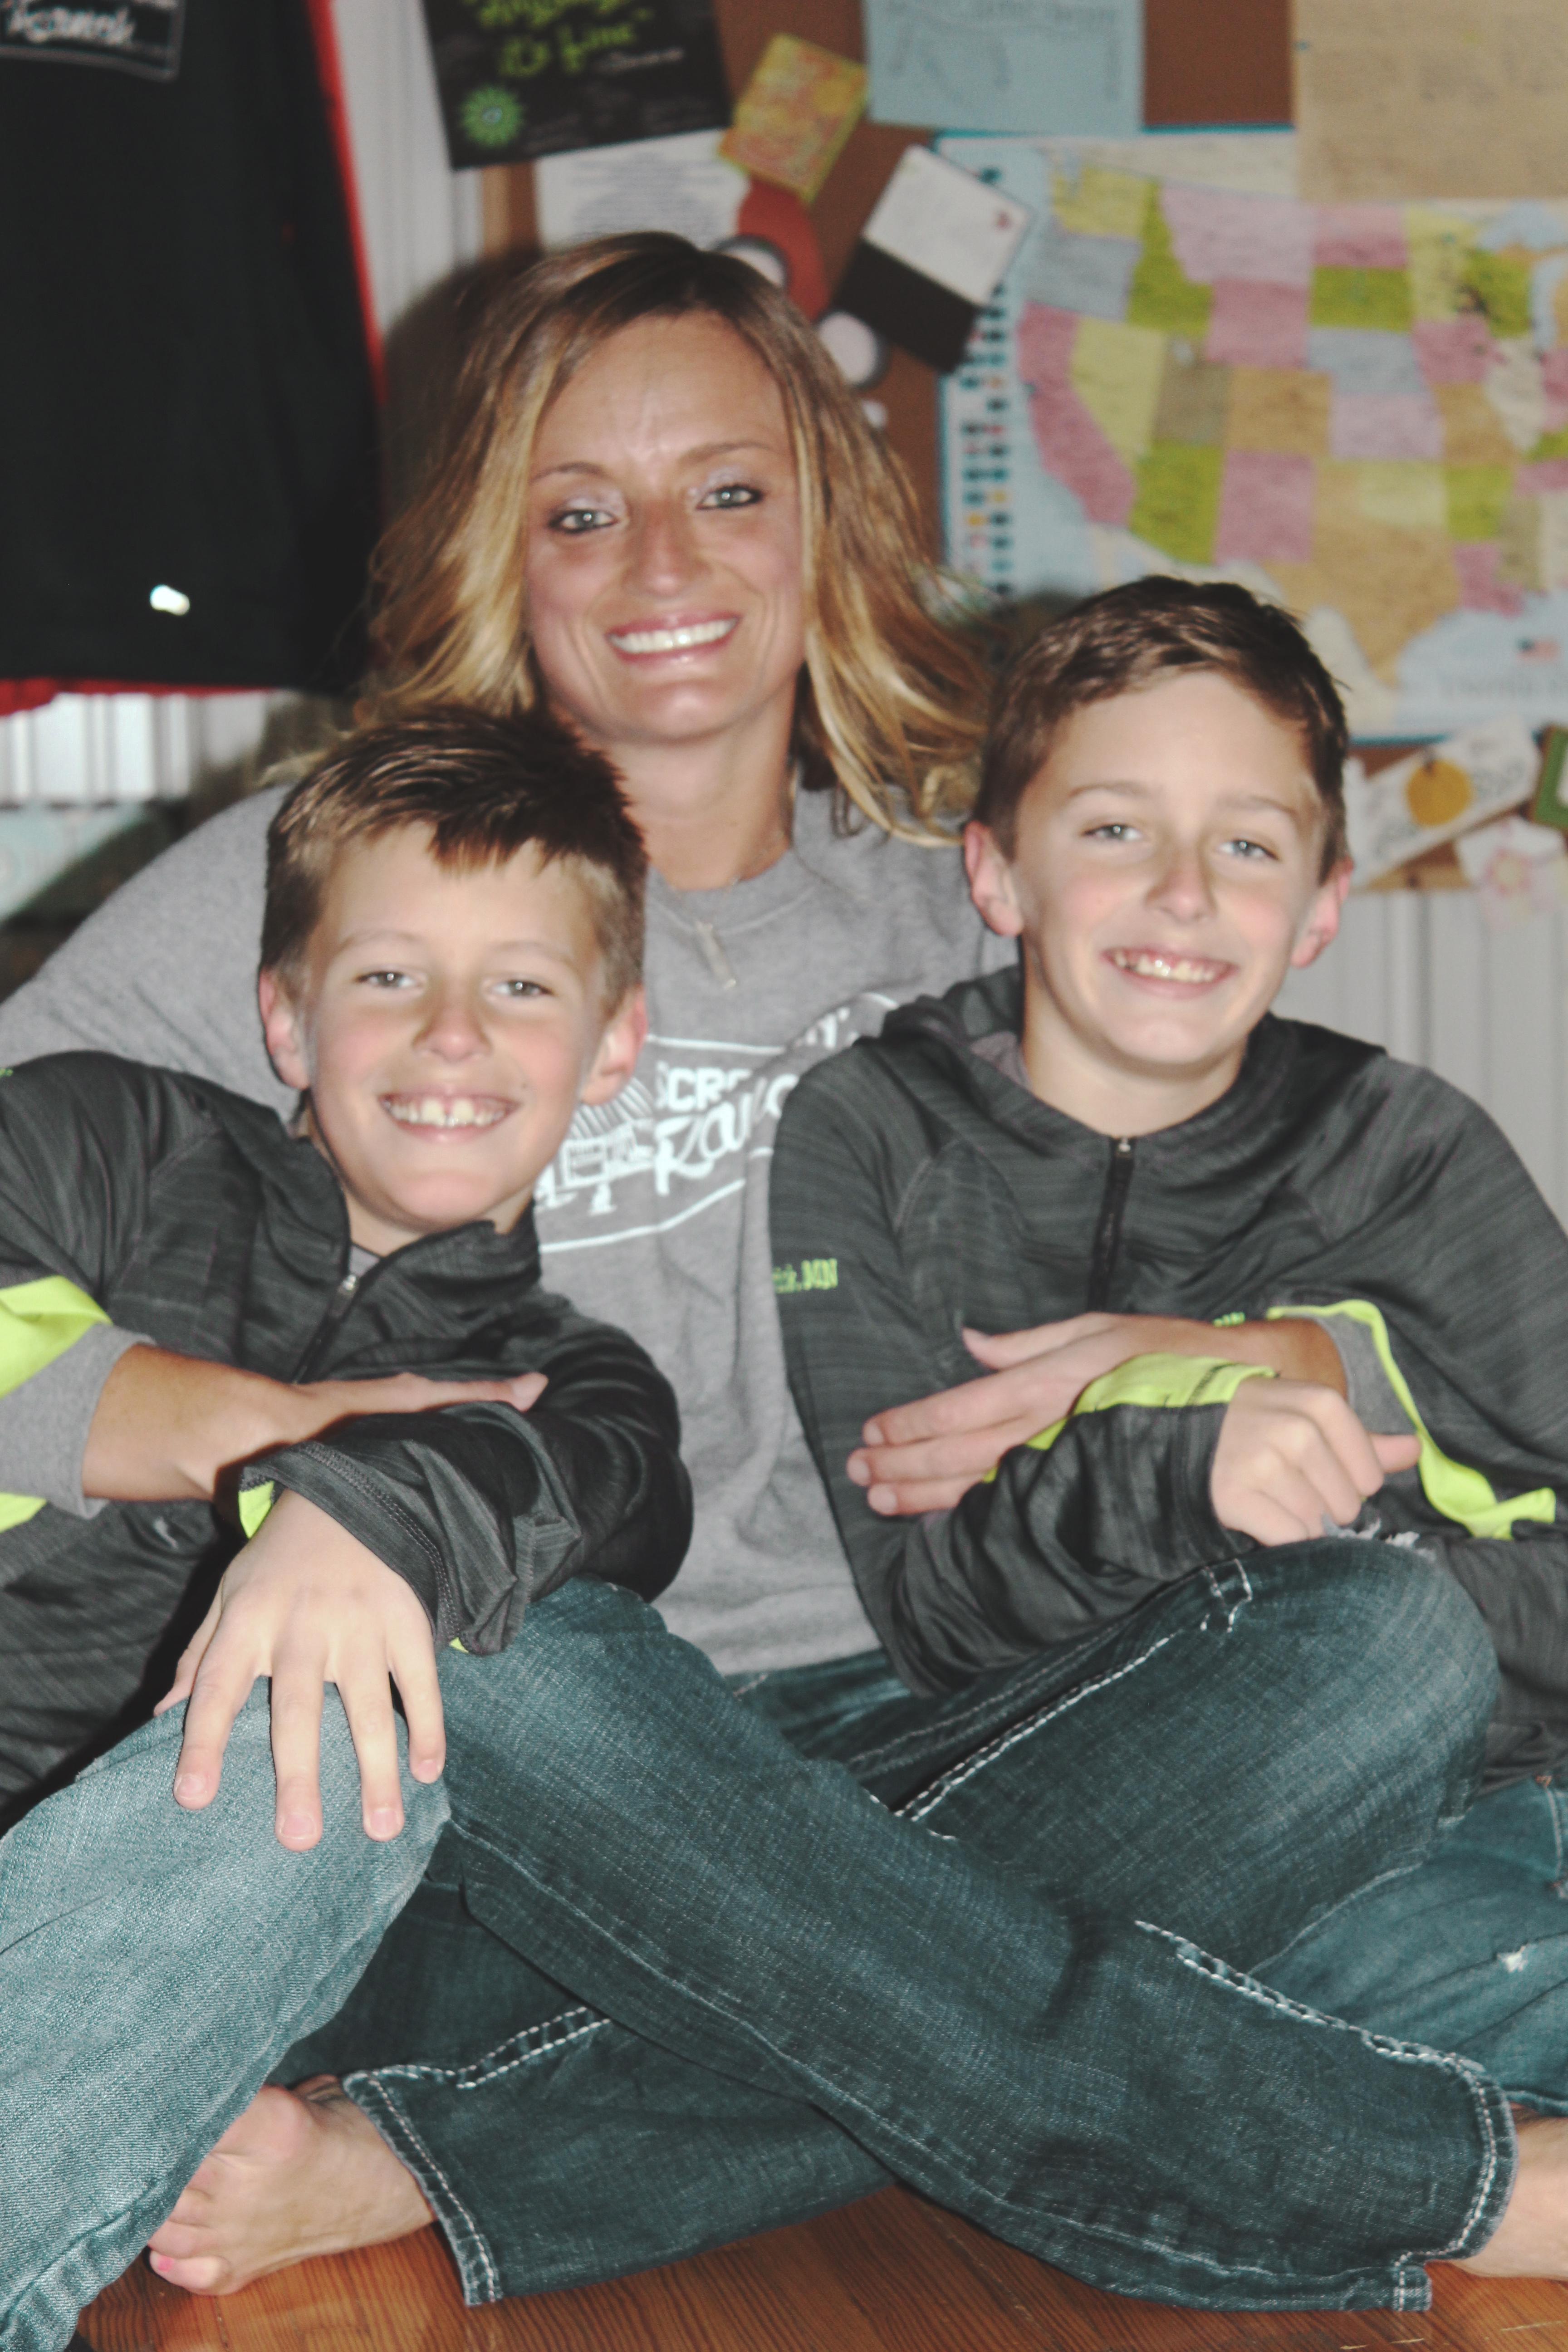 Danca family